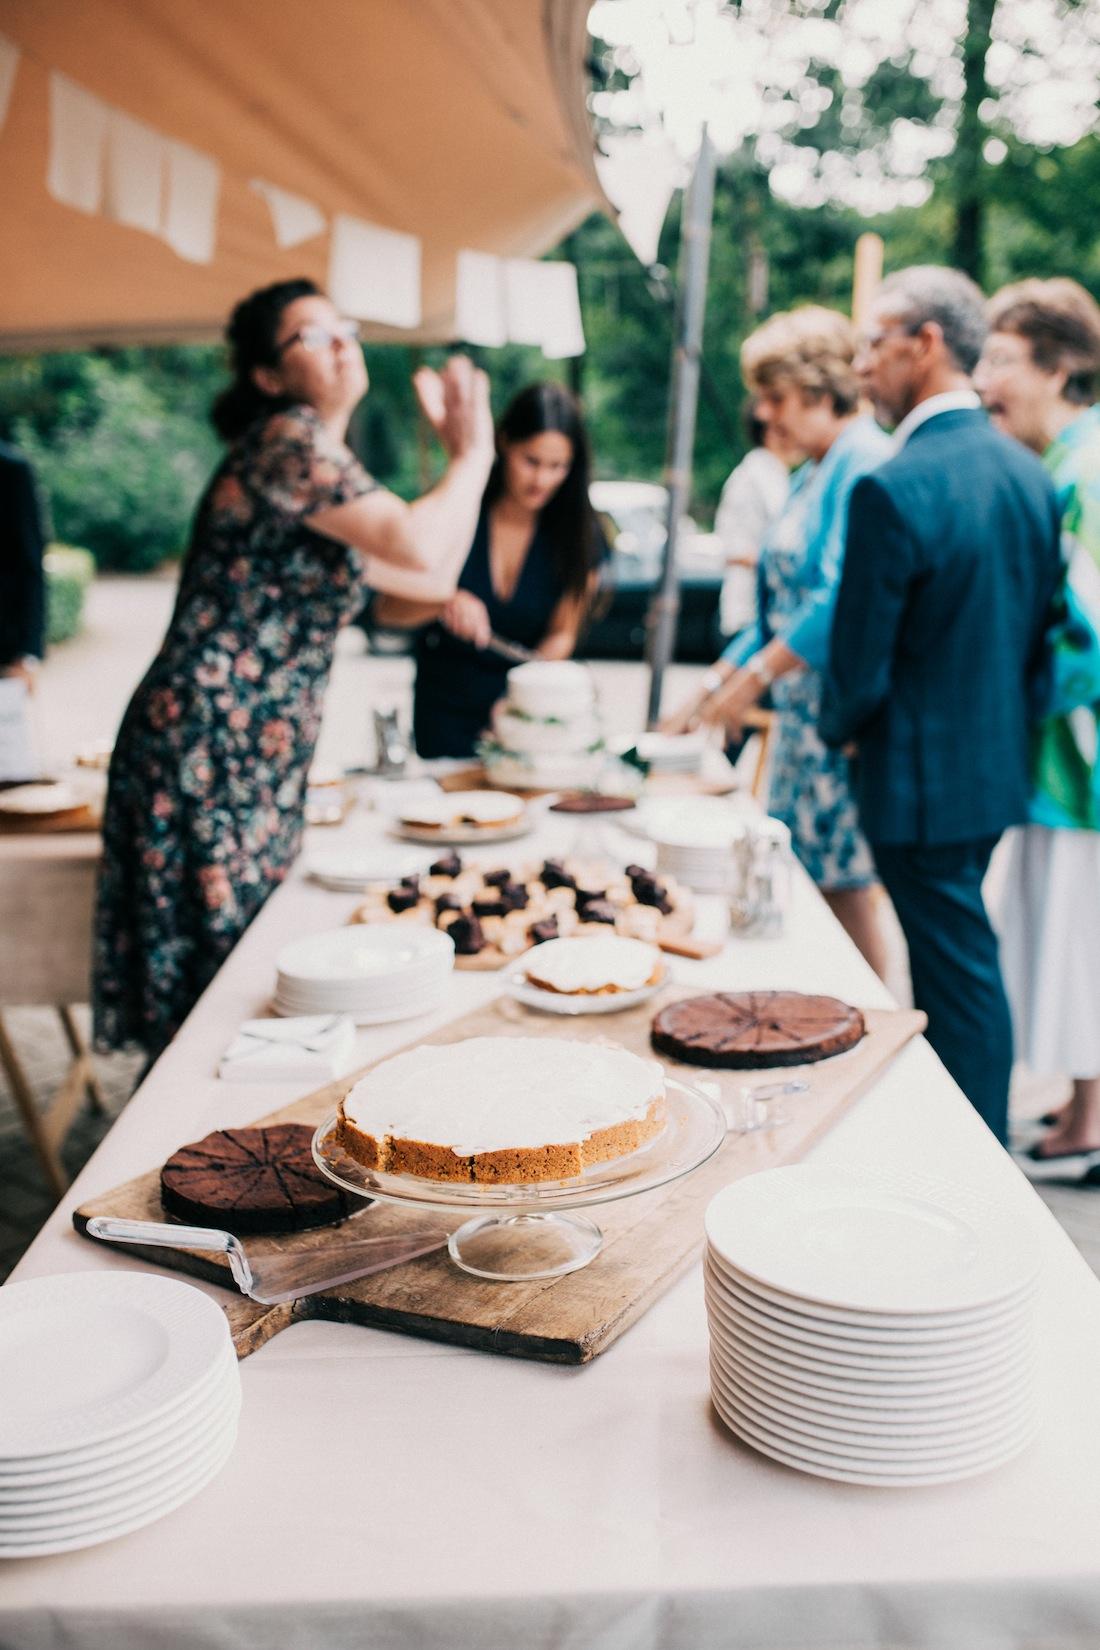 Trouwfotografie bruidsfotografie trouwfotograaf Trouwreportage Bruidsreportage Trouwen Wedding Huwelijks Huwelijksfotograaf Ceremonie JKey Photography